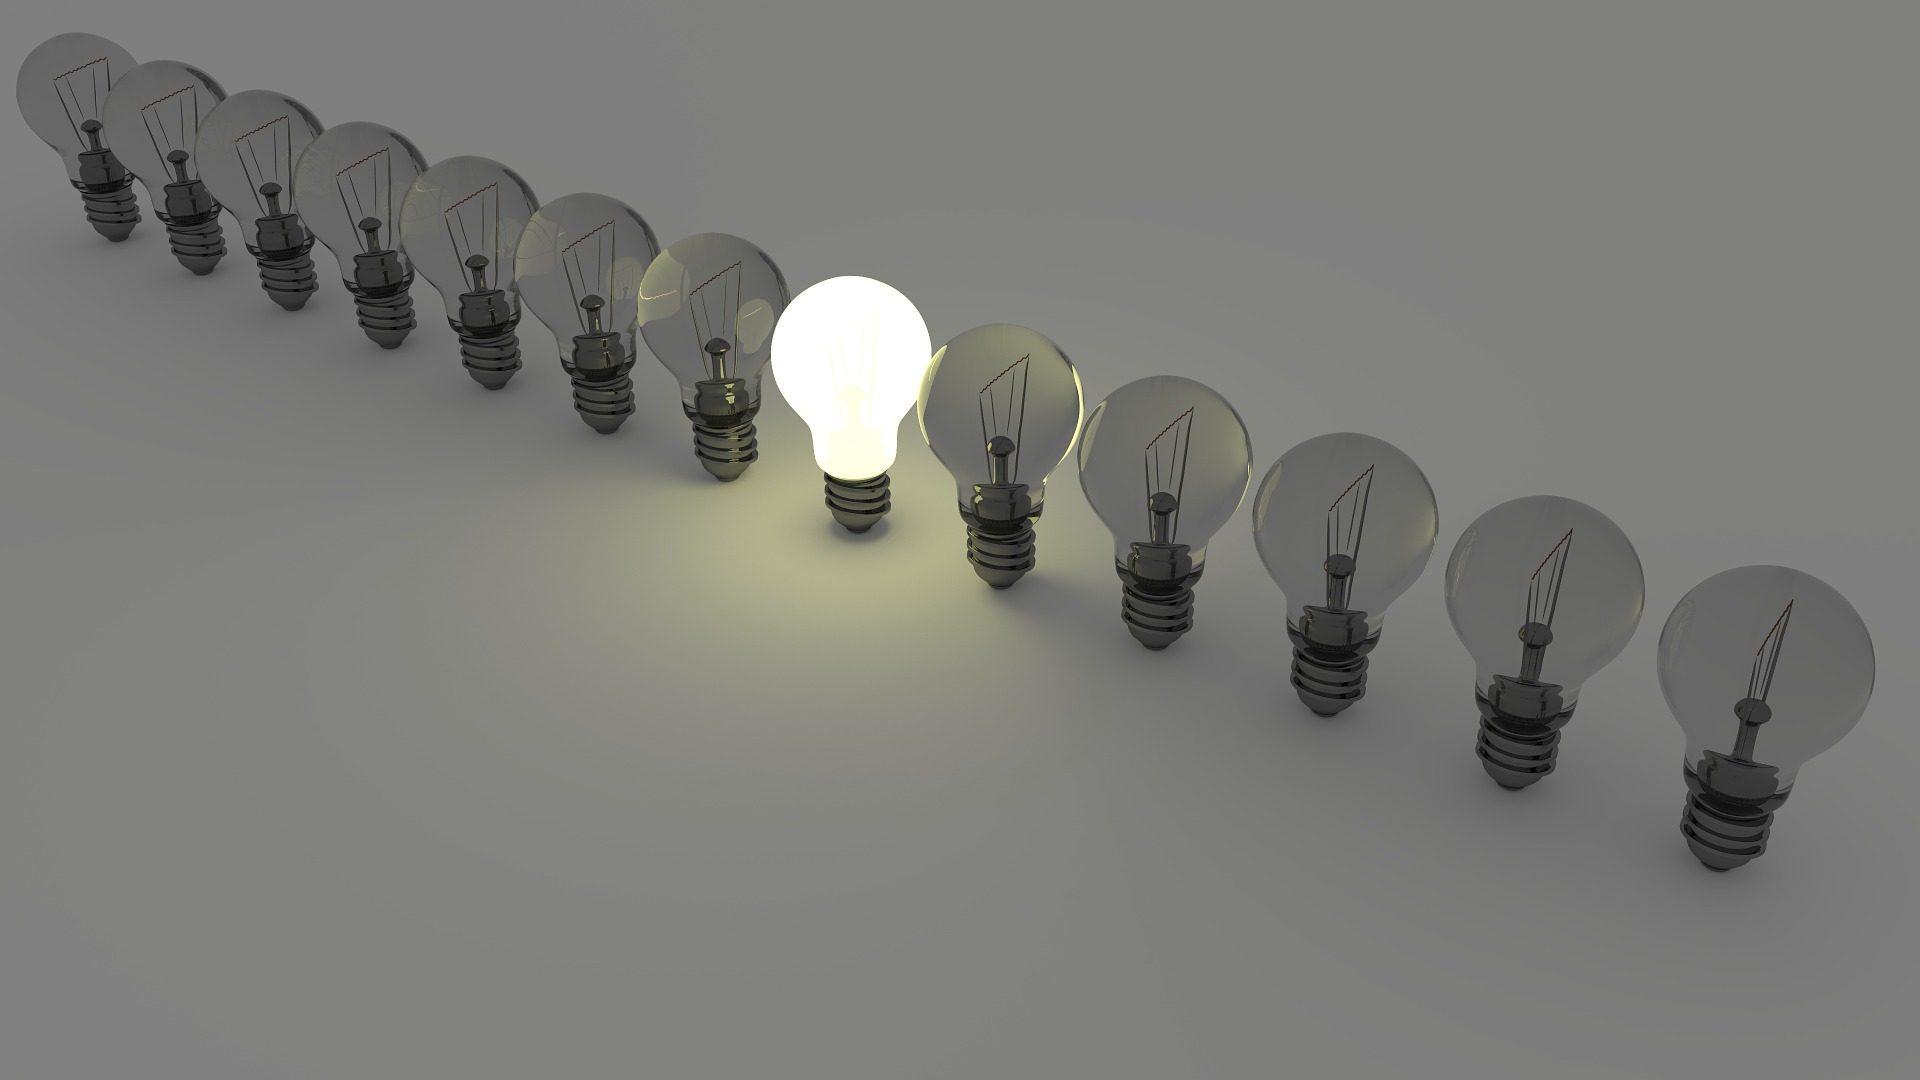 Edesal Factura: Edesal Factura Y La Mejor Manera De Operar Para No Tener Problemas Con La Energía